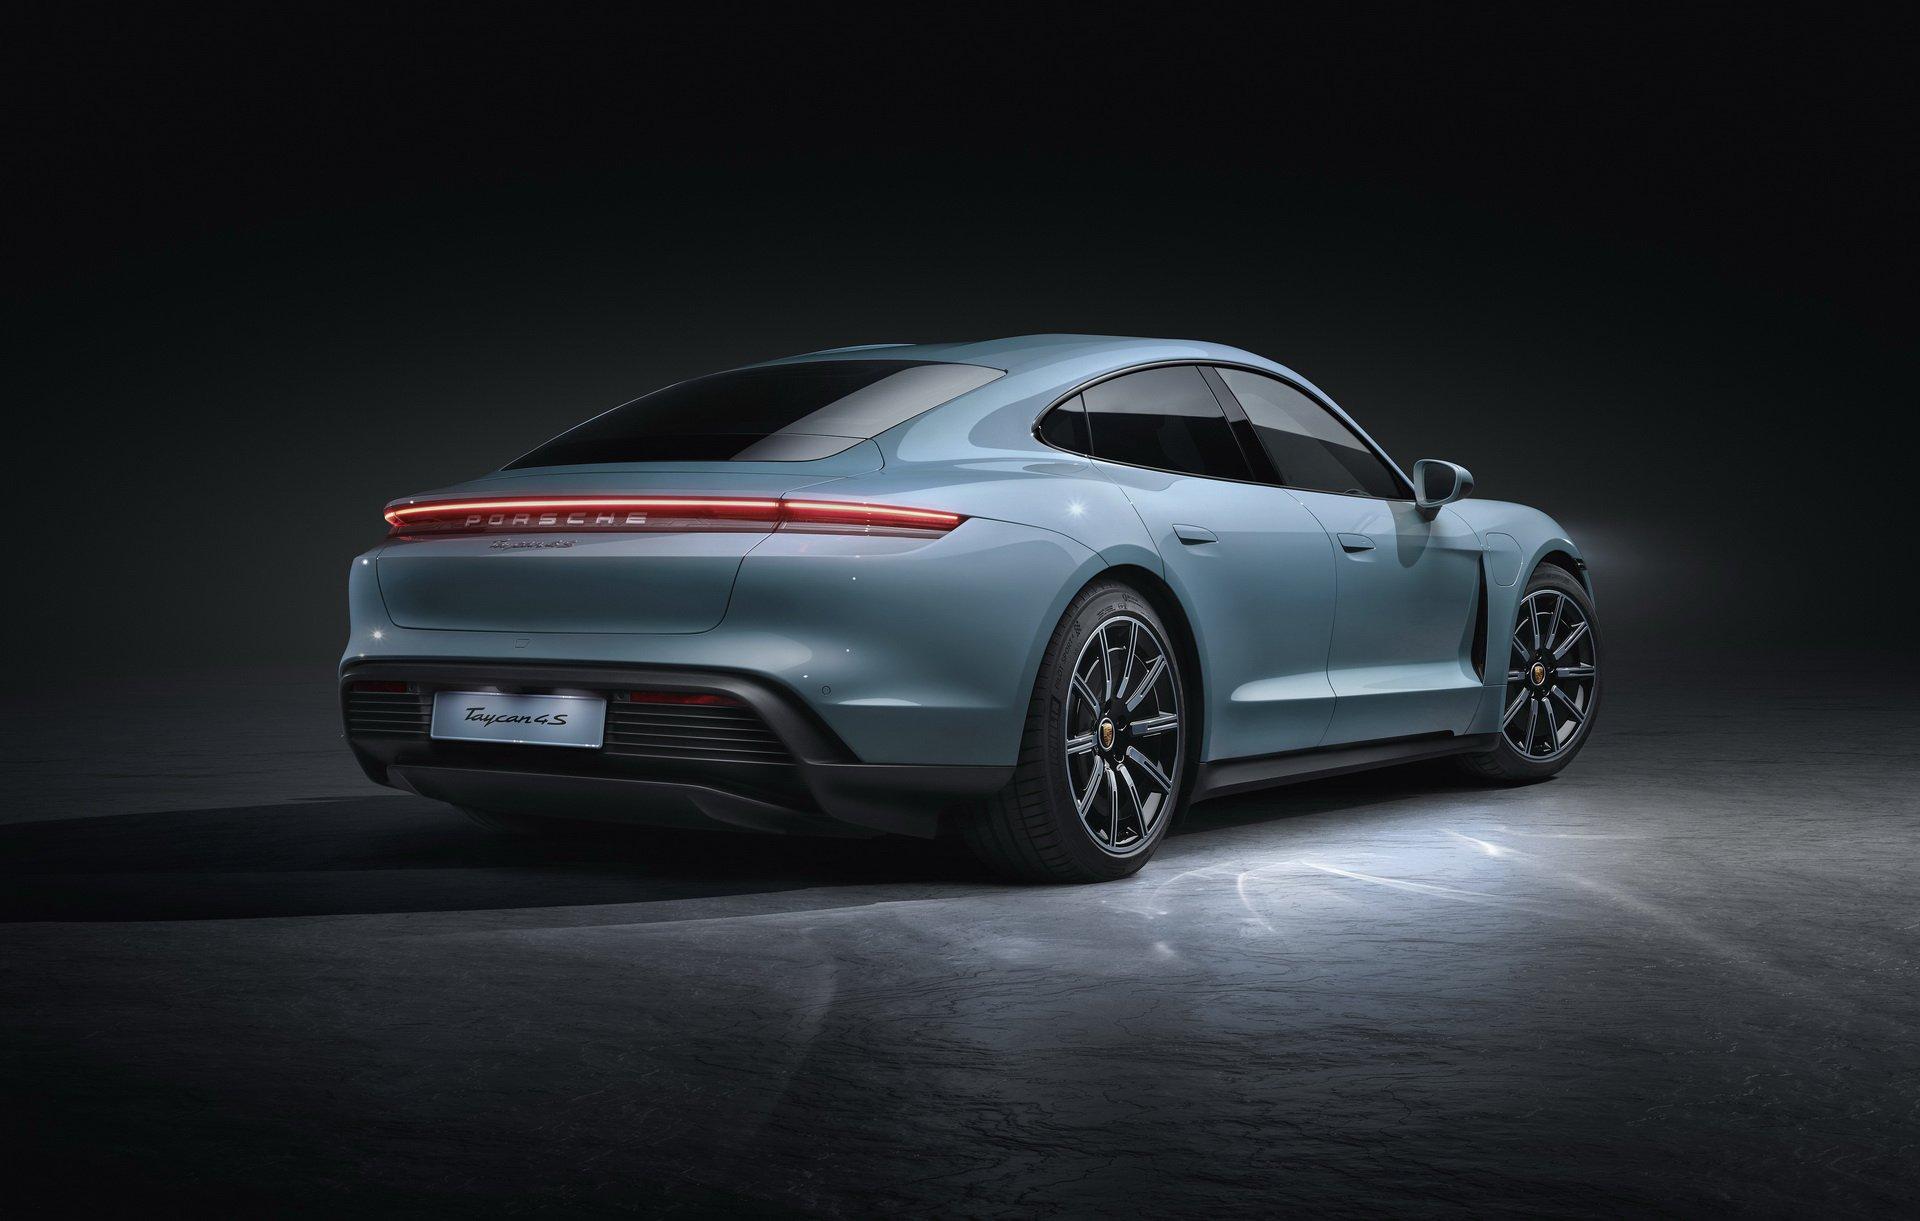 Porsche-Taycan-4S-6